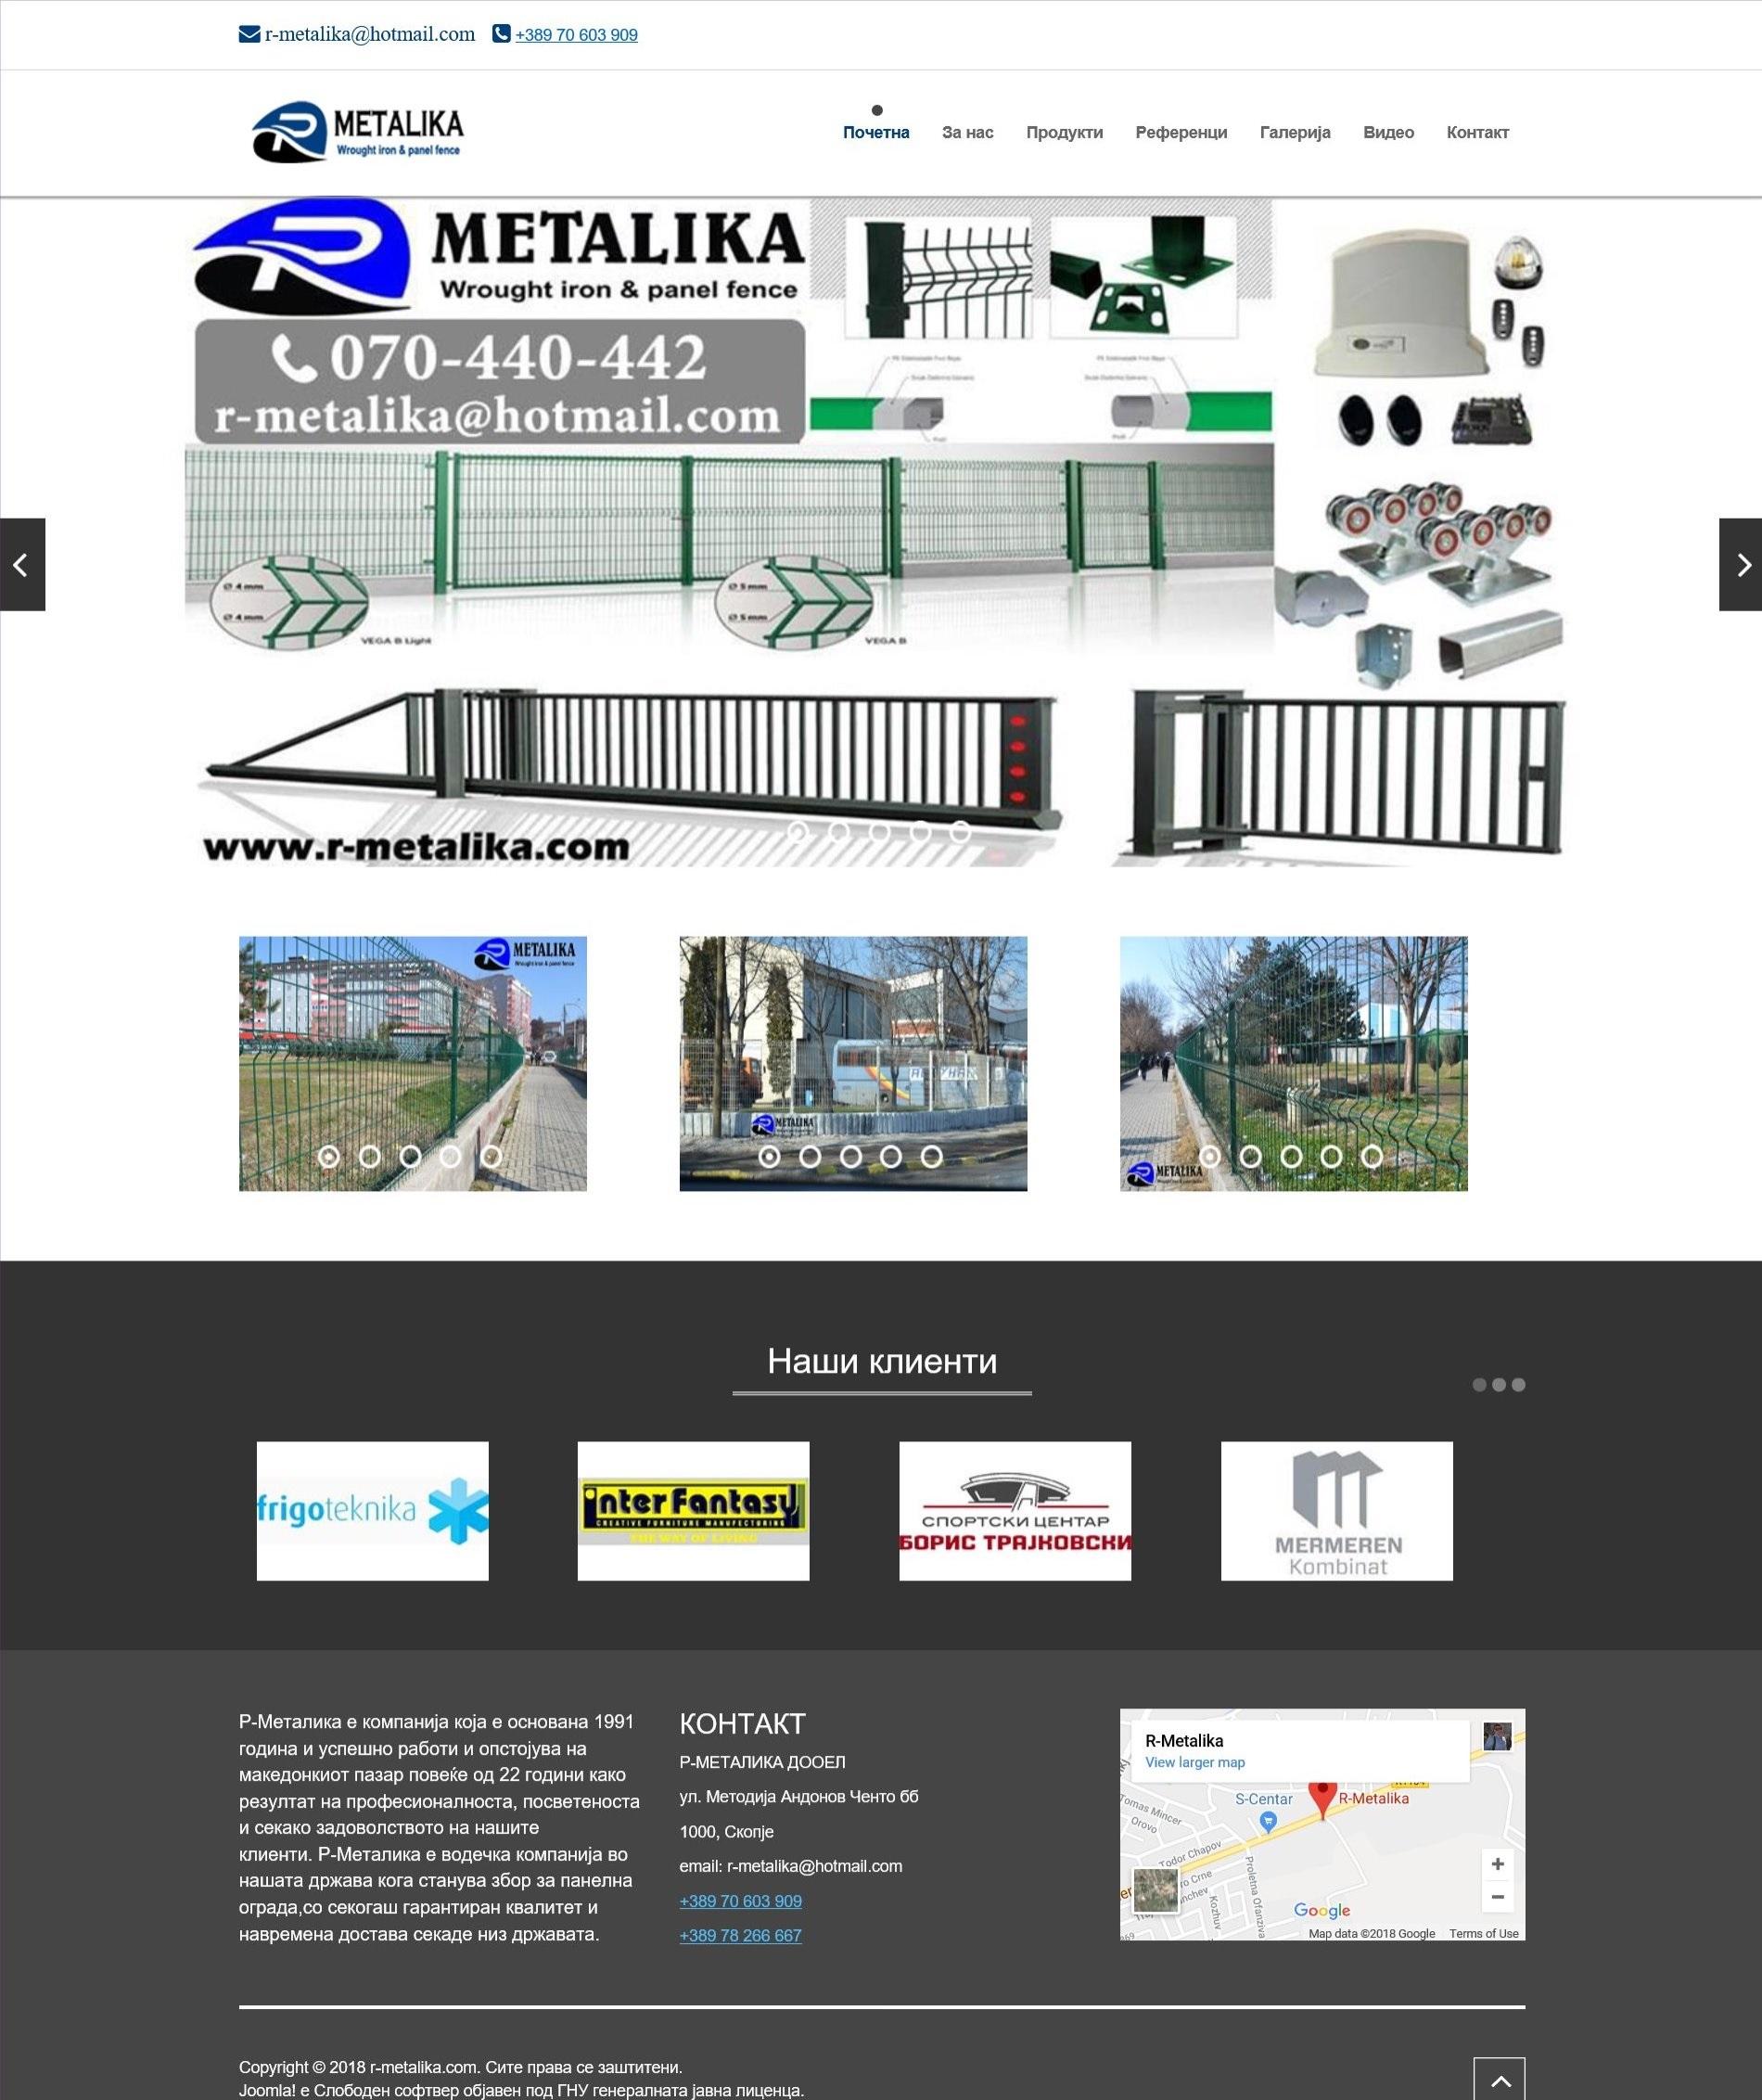 r-metalika.com